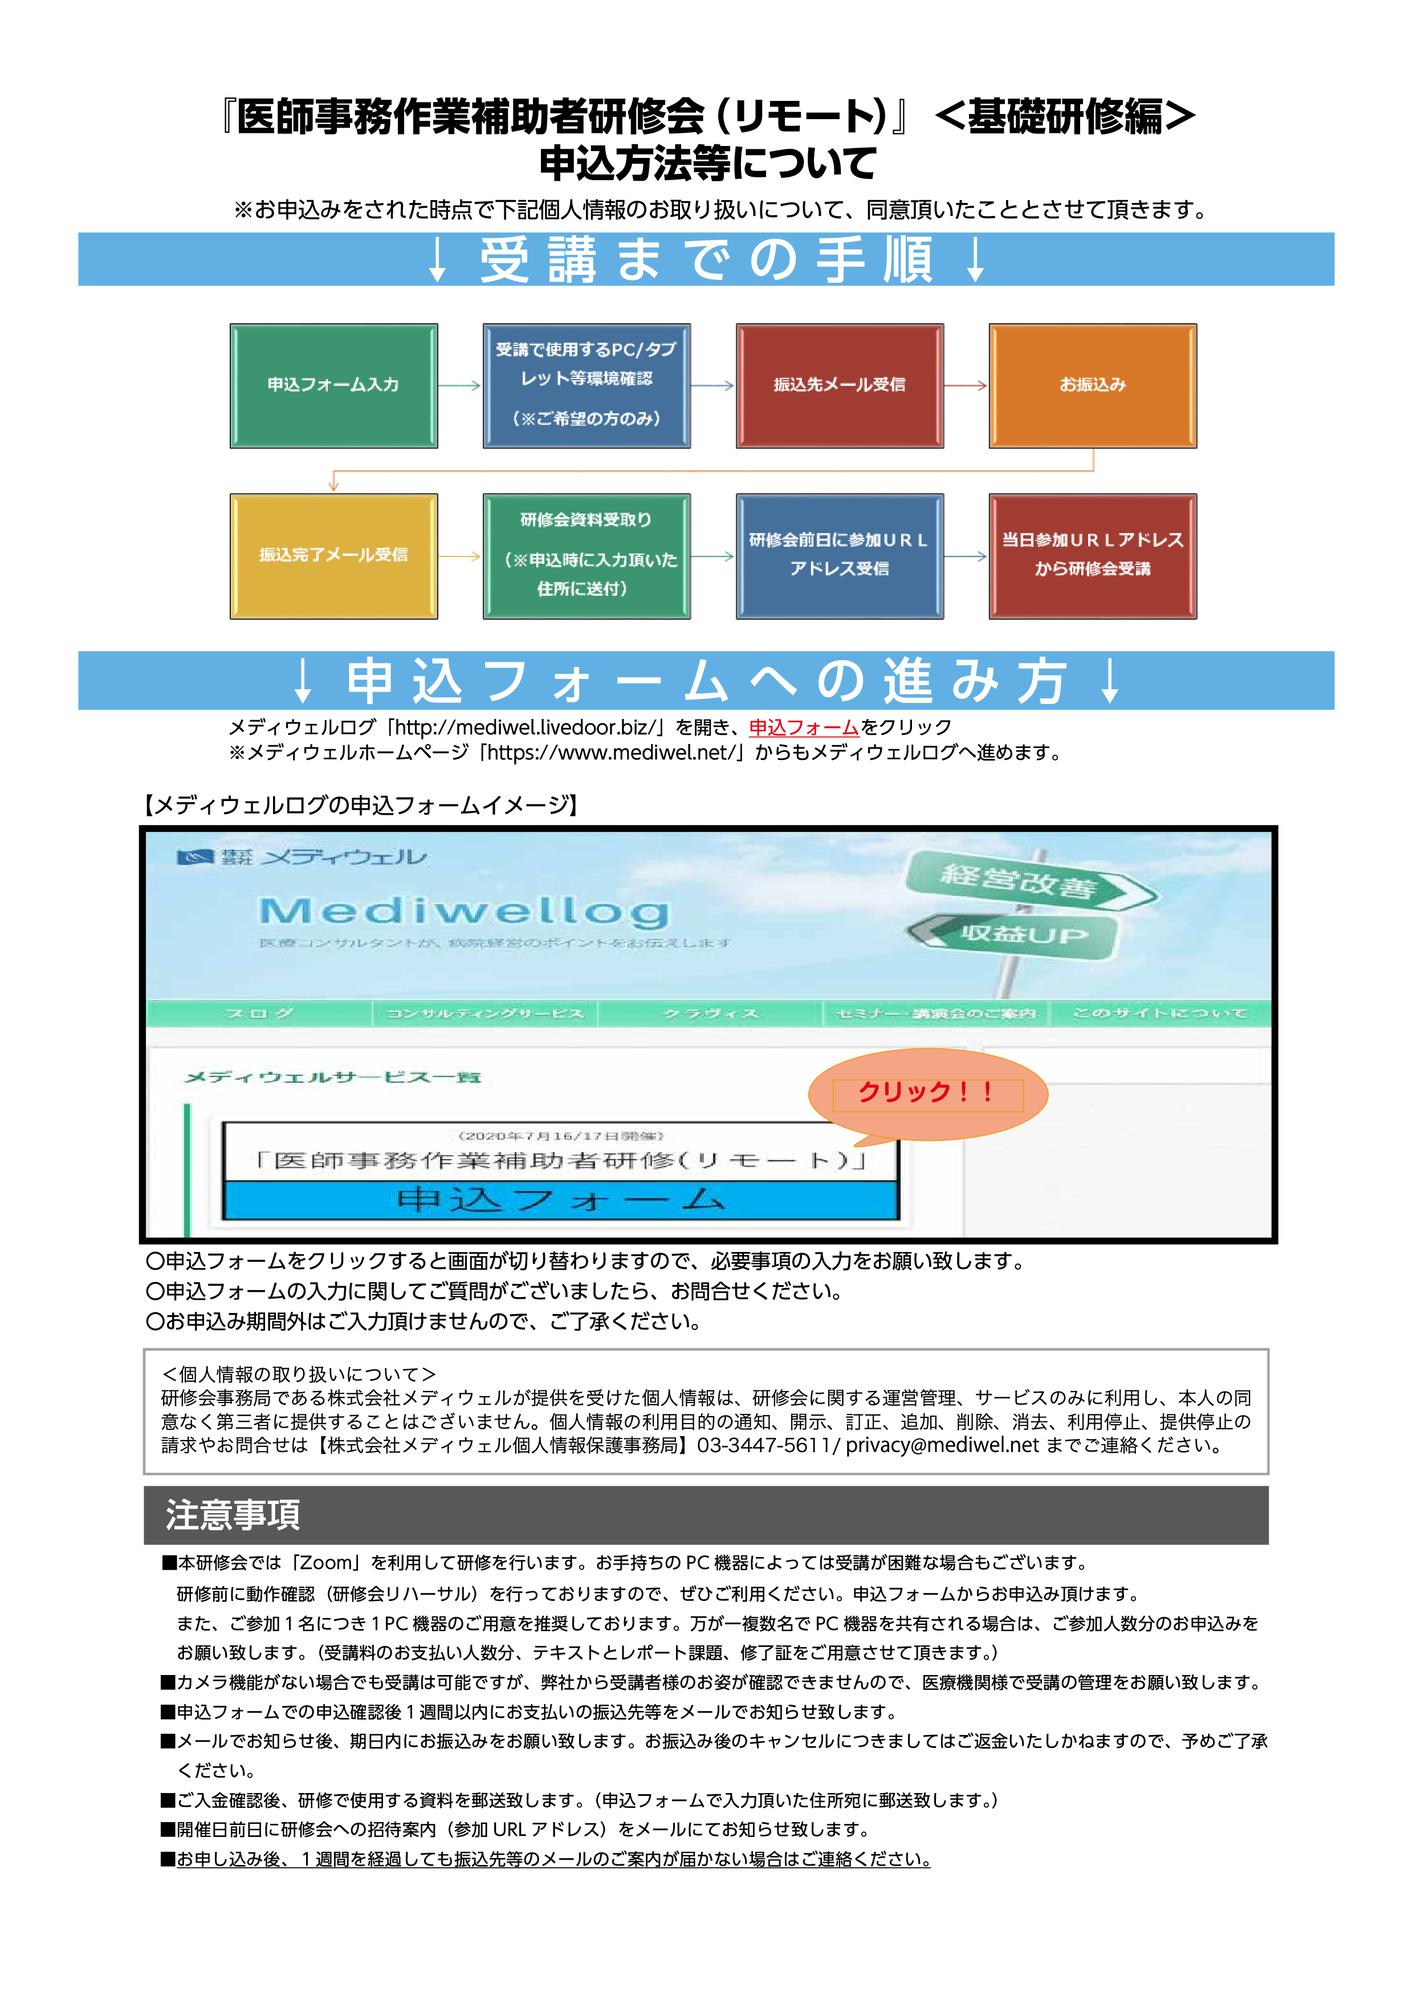 医師事務作業補助者研修会申込書【基礎研修編】年間-002